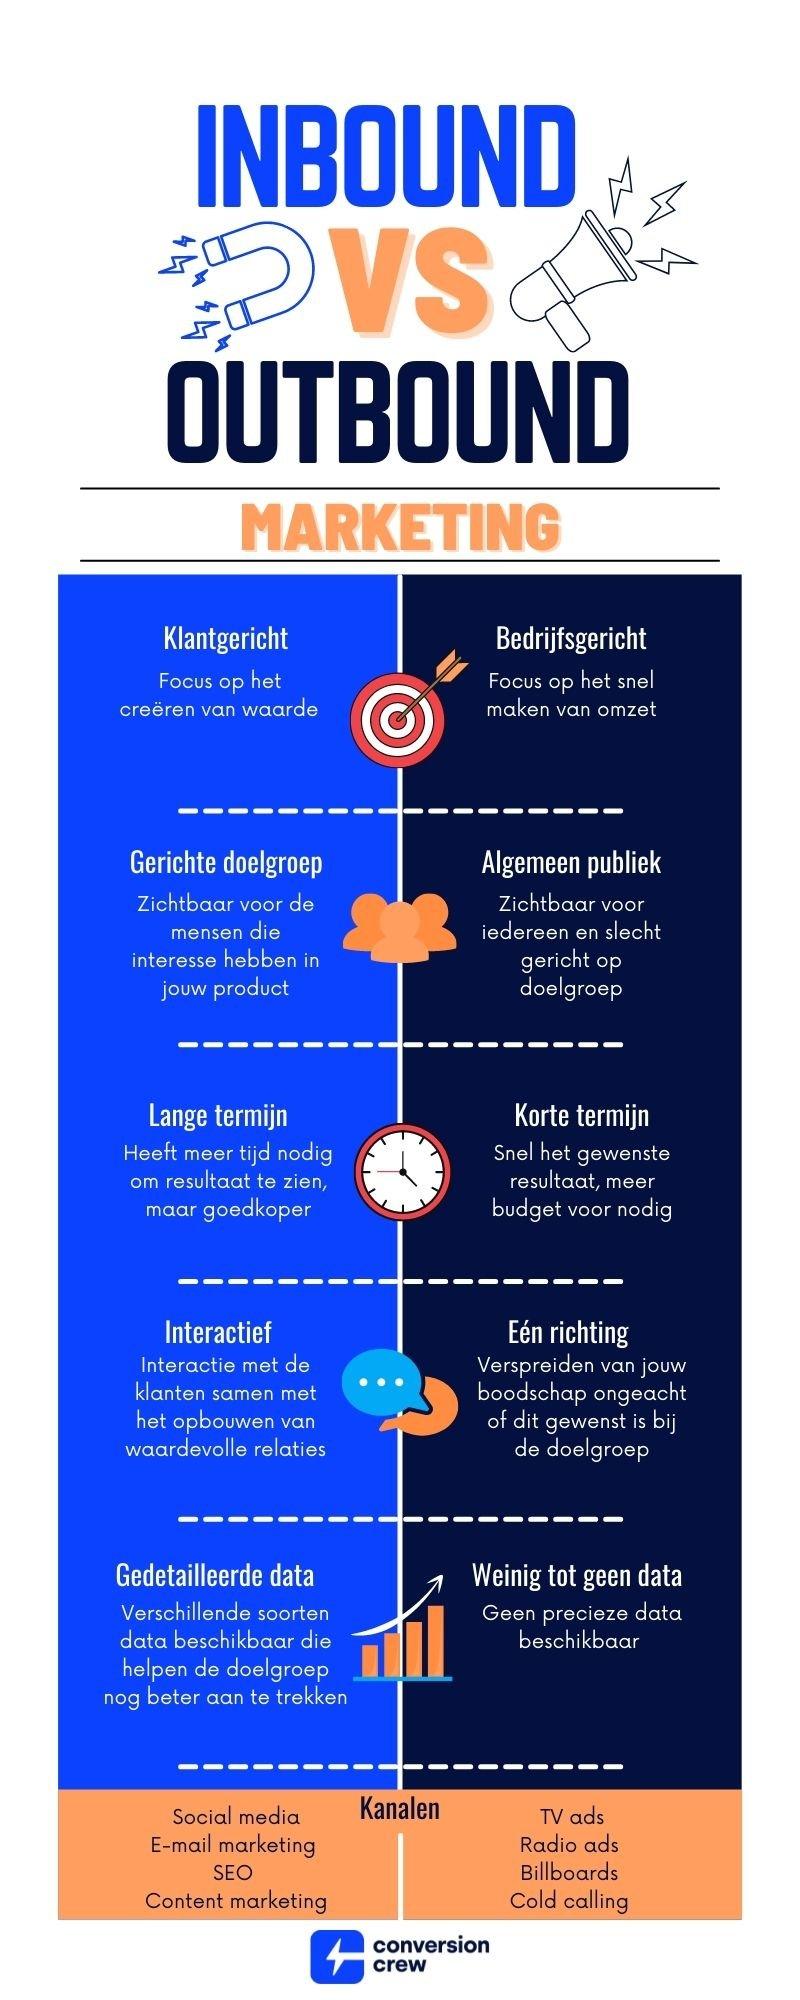 inbound-vs-outbound-marketing-infographic.jpg (1)